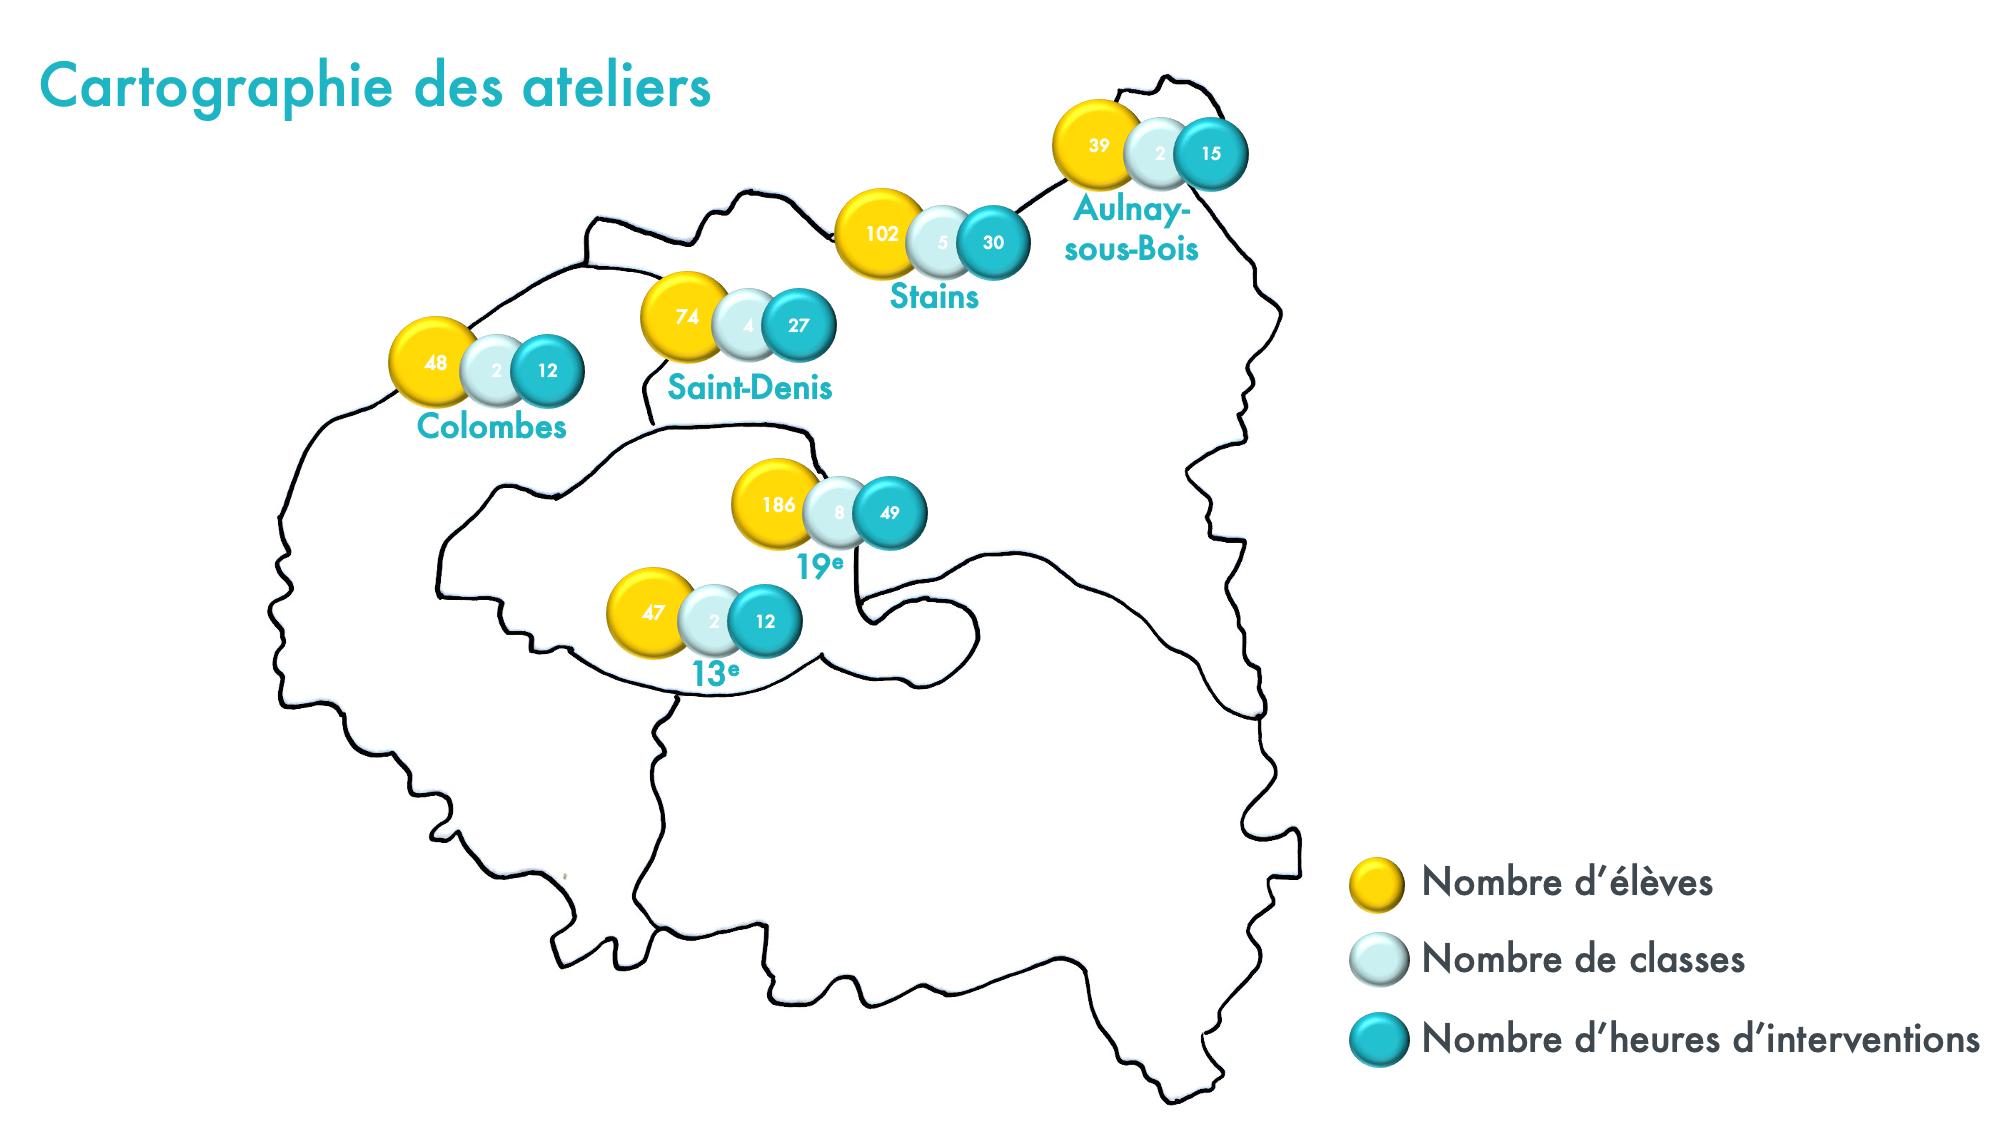 2020-2021 Cartographie des ateliers